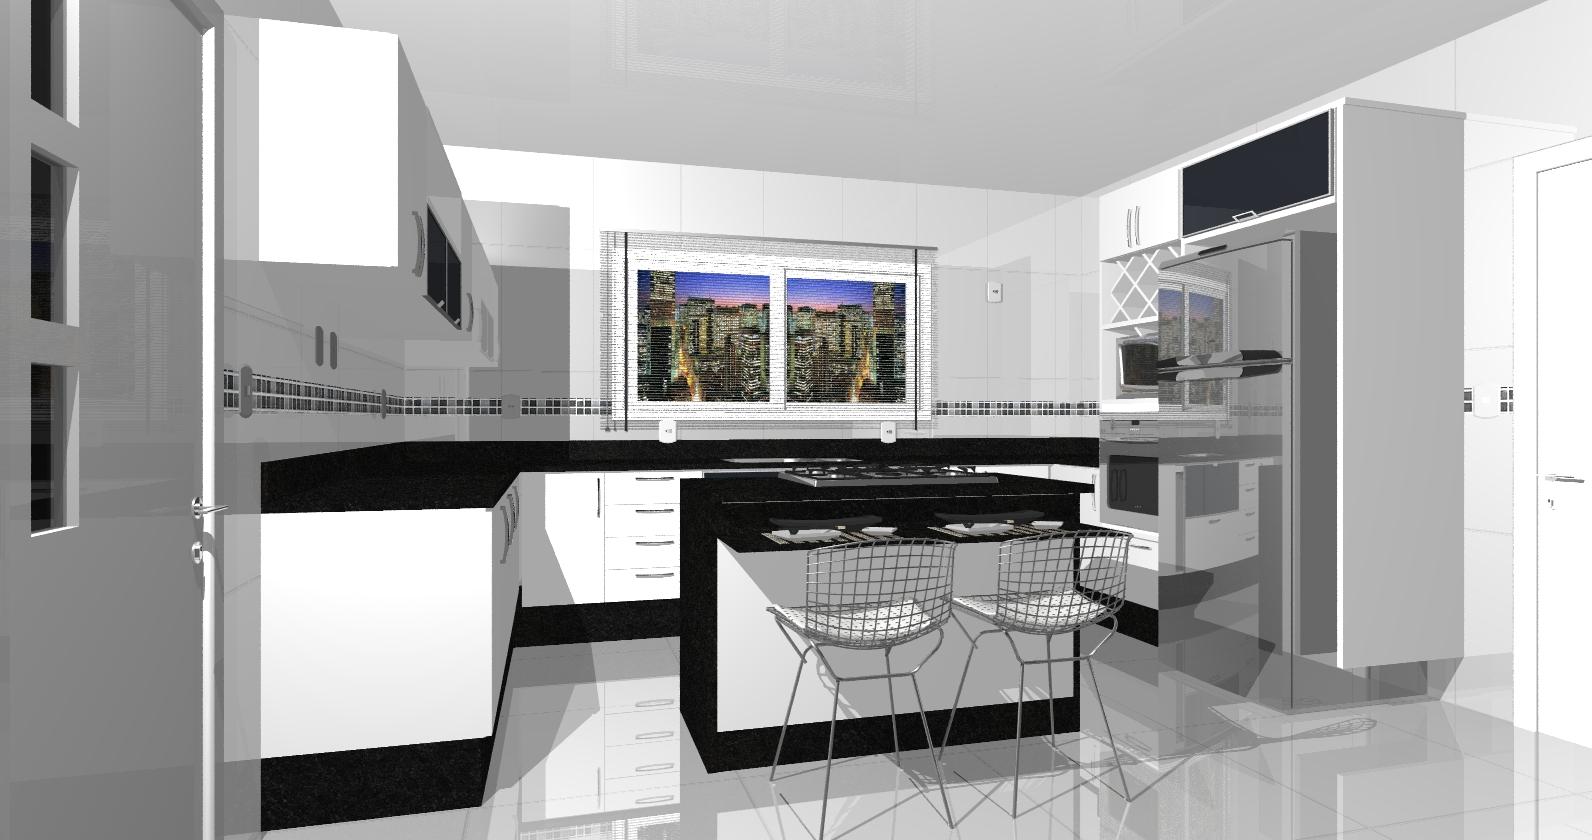 #334298 projetos de móveis: Projetos Home Cozinha Espaço Gourmet Área de  1592x840 px Projetos De Cozinhas Gourmets_5733 Imagens